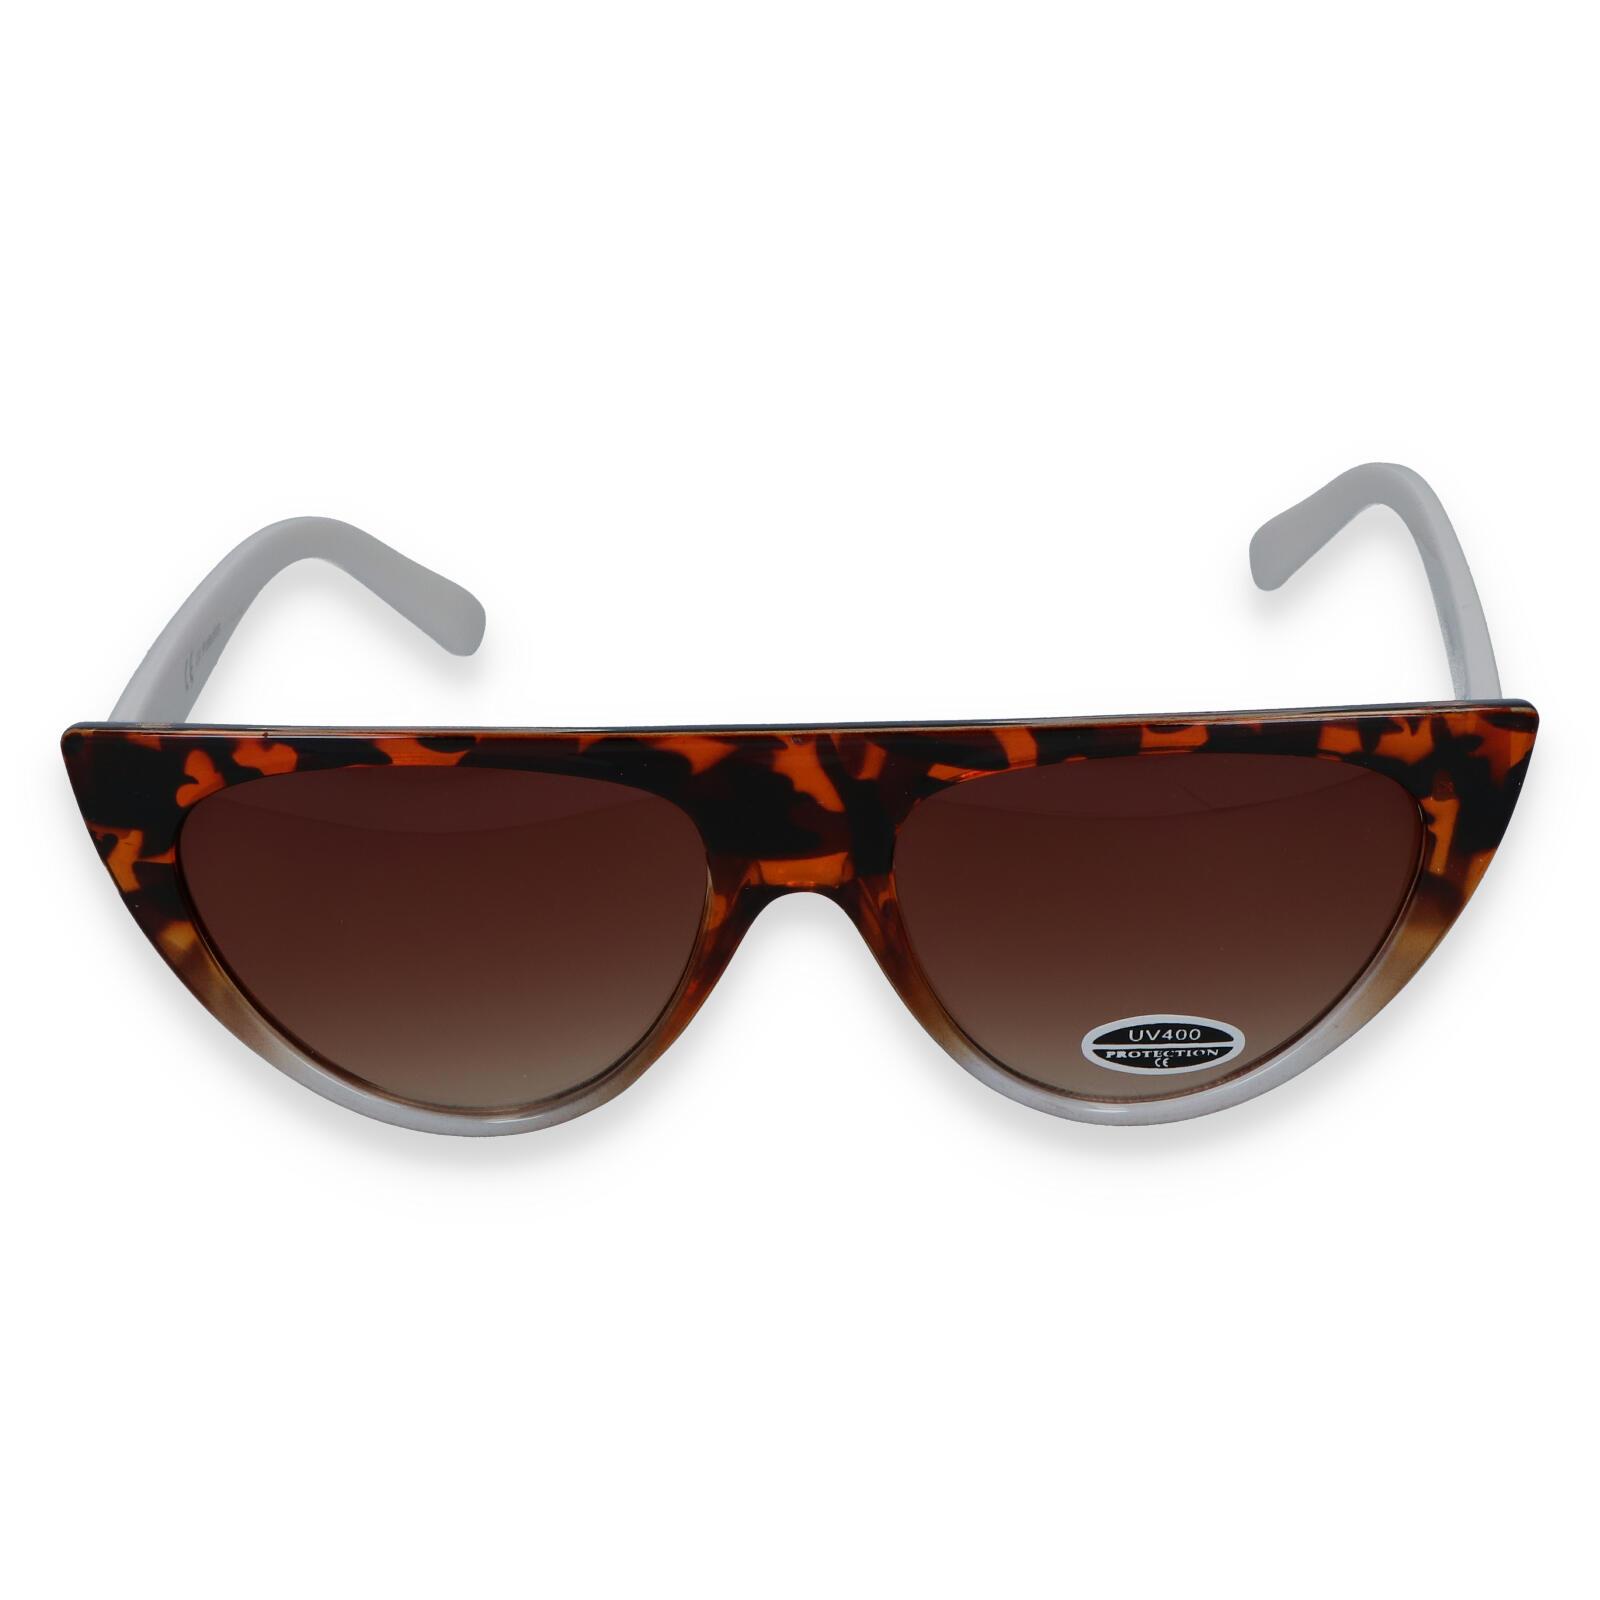 Dámské sluneční brýle hnědo bílé - S9115